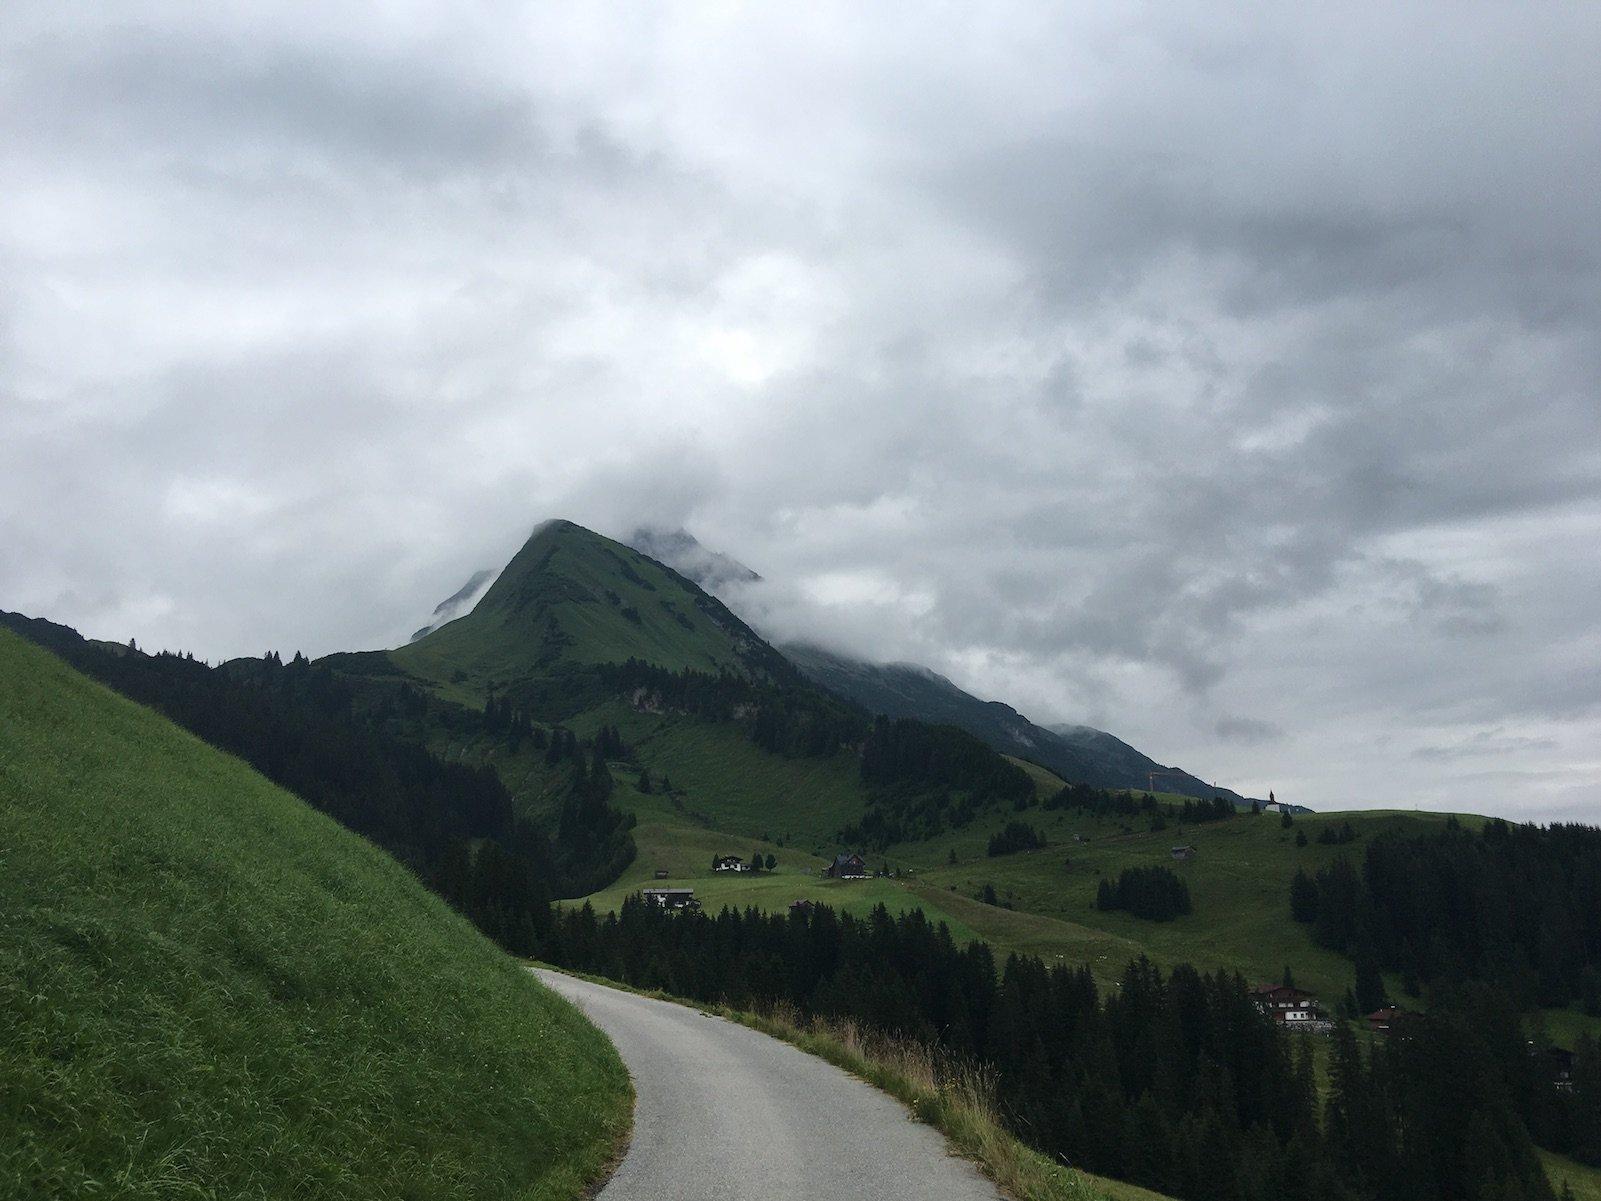 Grauer bewölkter Himmel an diesem Montagmorgen um 8 Uhr in Gehren, meinem Start in die 3. Etappe des Lechwegs